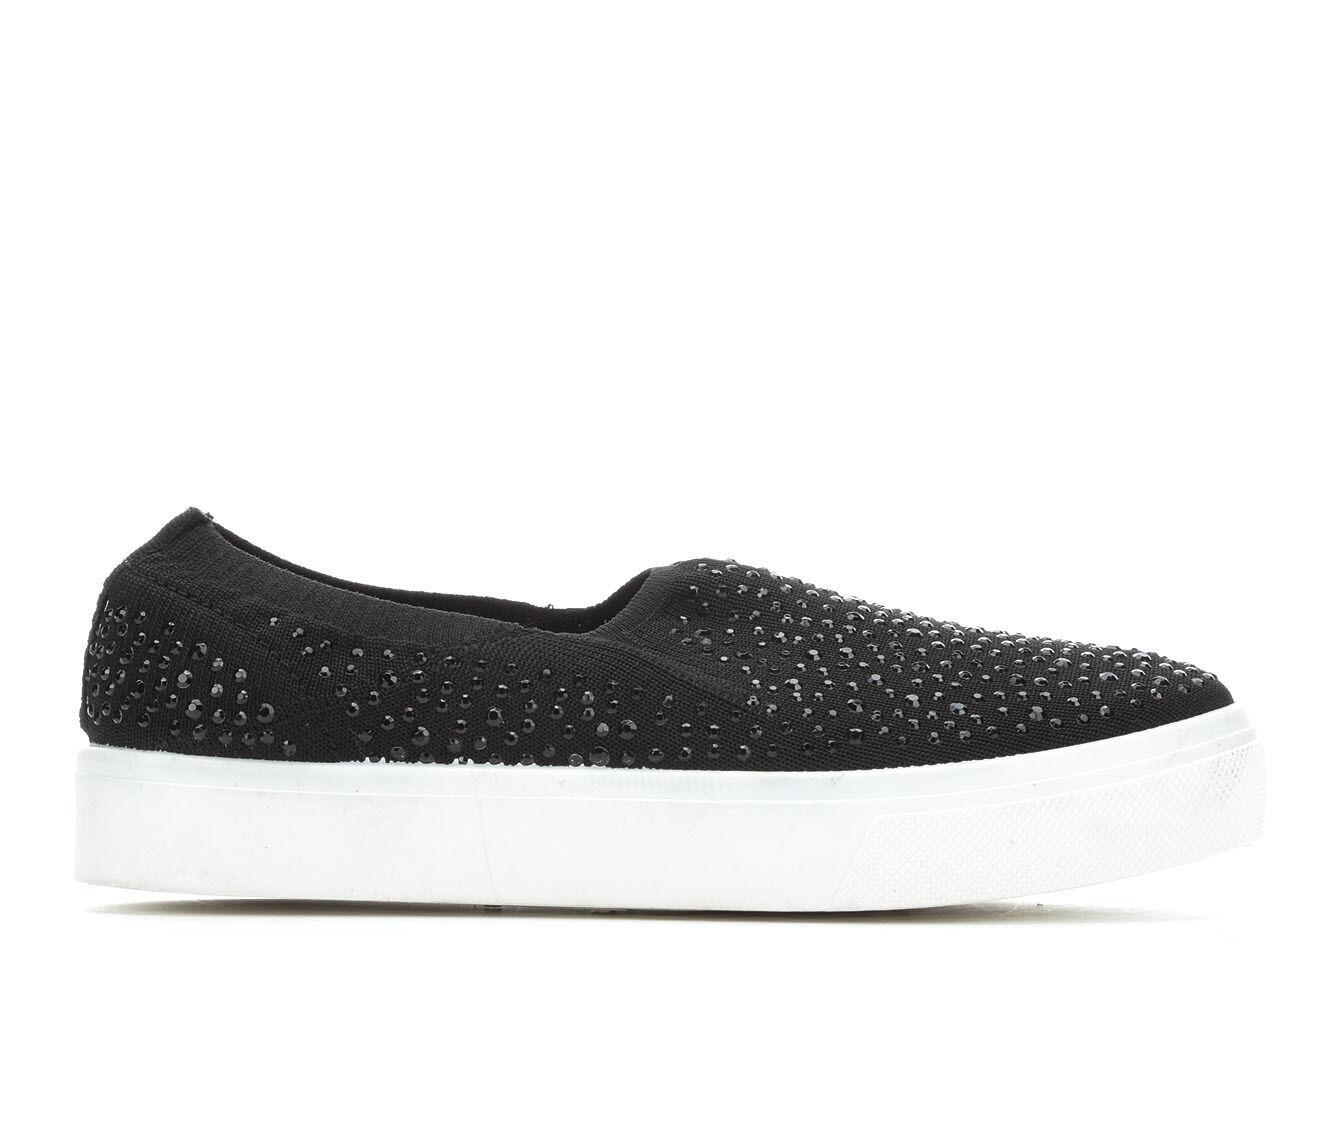 Women's Skecher Street Studded Affair Sneakers Black